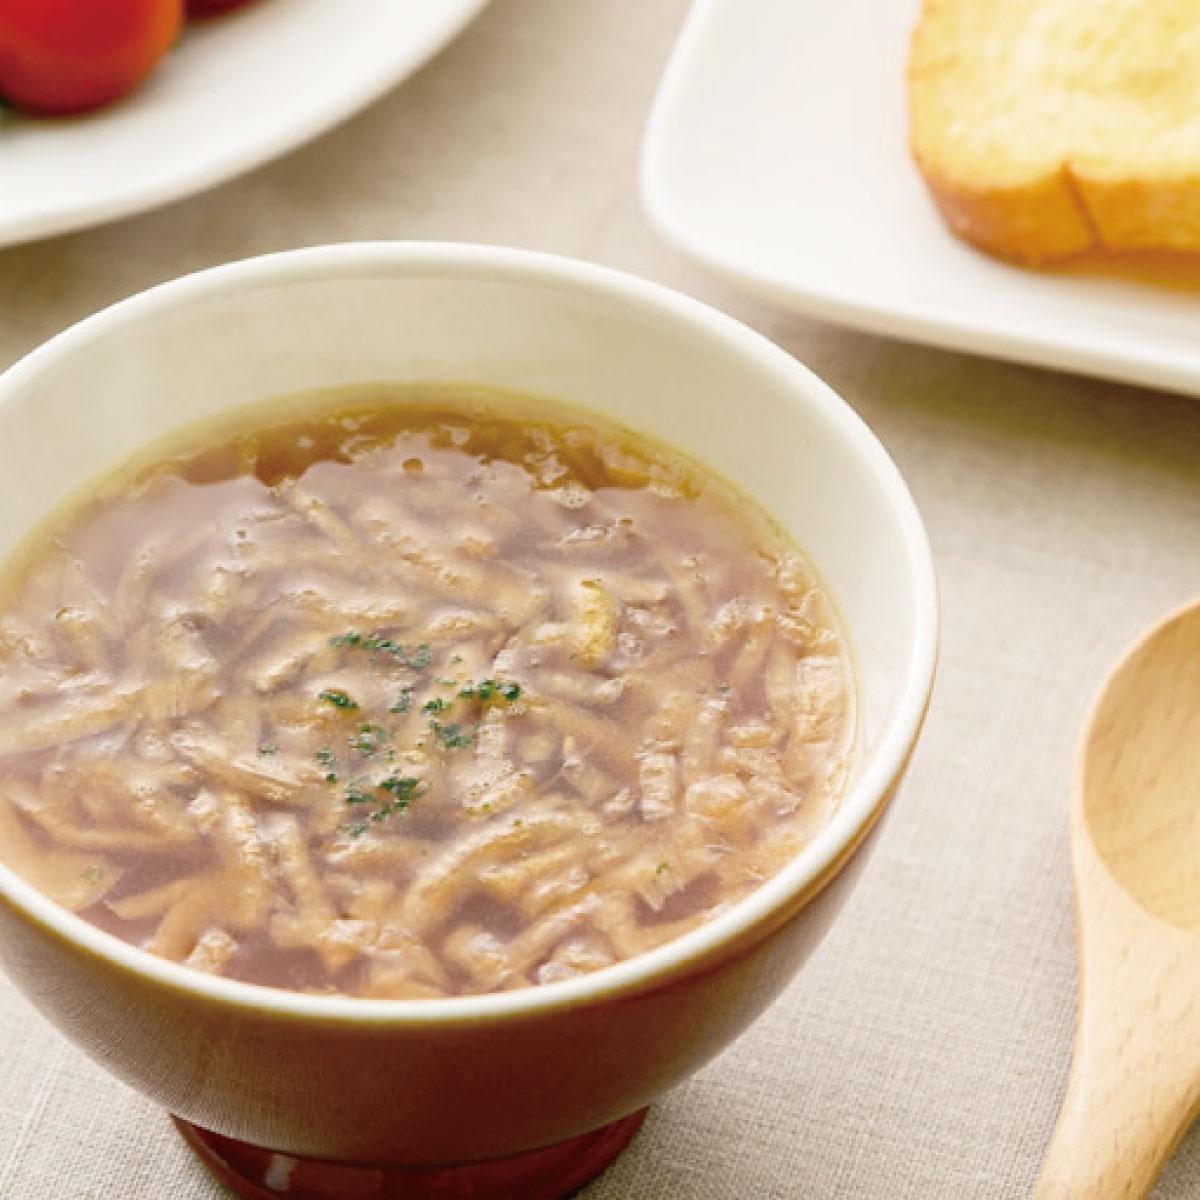 【ふるさと納税】信州ギフト(6種22食)&和洋スープ詰合せギフト(32食)【加工食品・乾物・乾燥スープ・レトルト食品・セット】